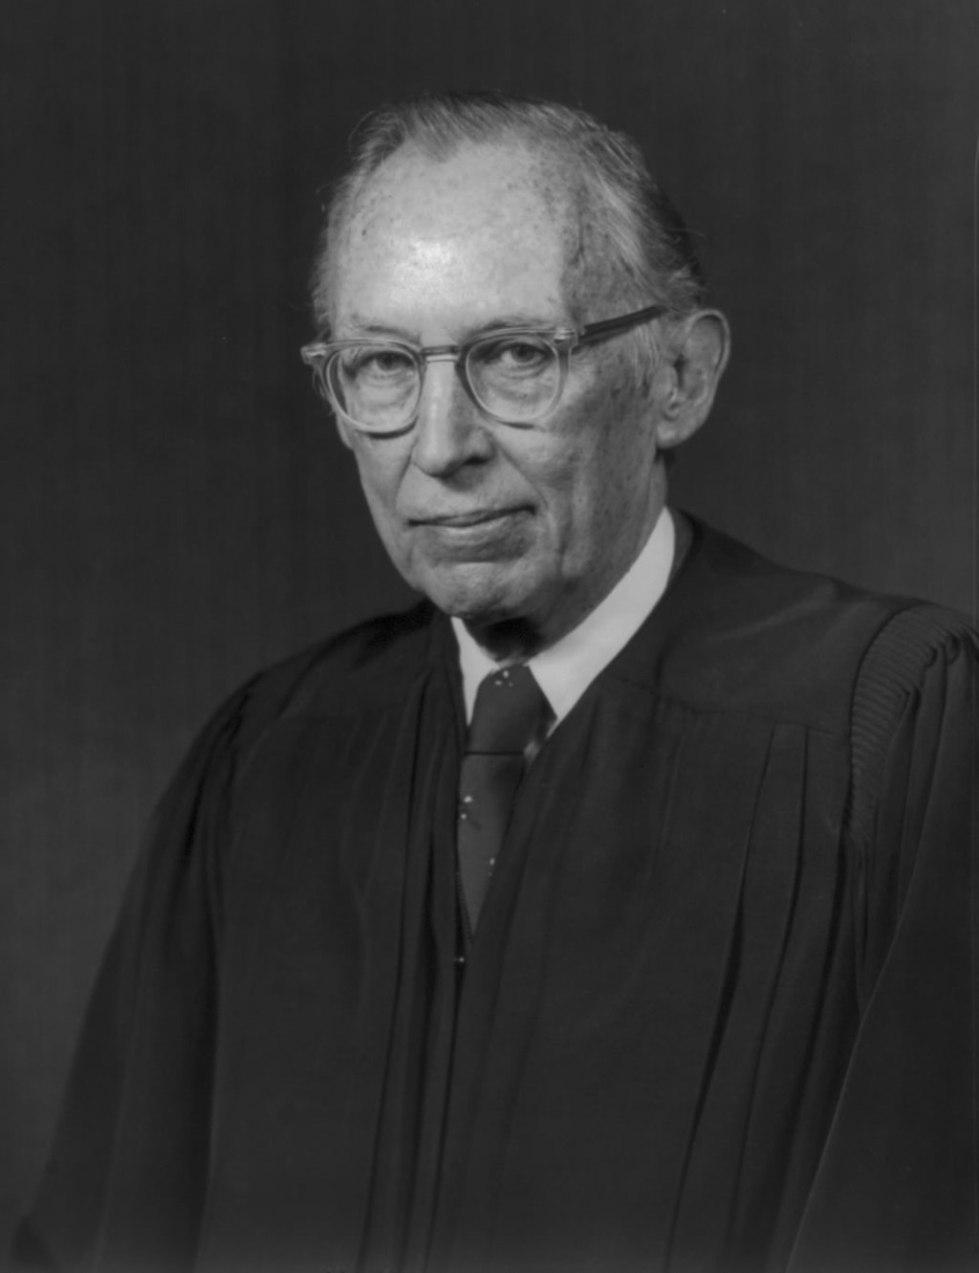 1024px-US_Supreme_Court_Justice_Lewis_Powell_-_1976_official_portrait